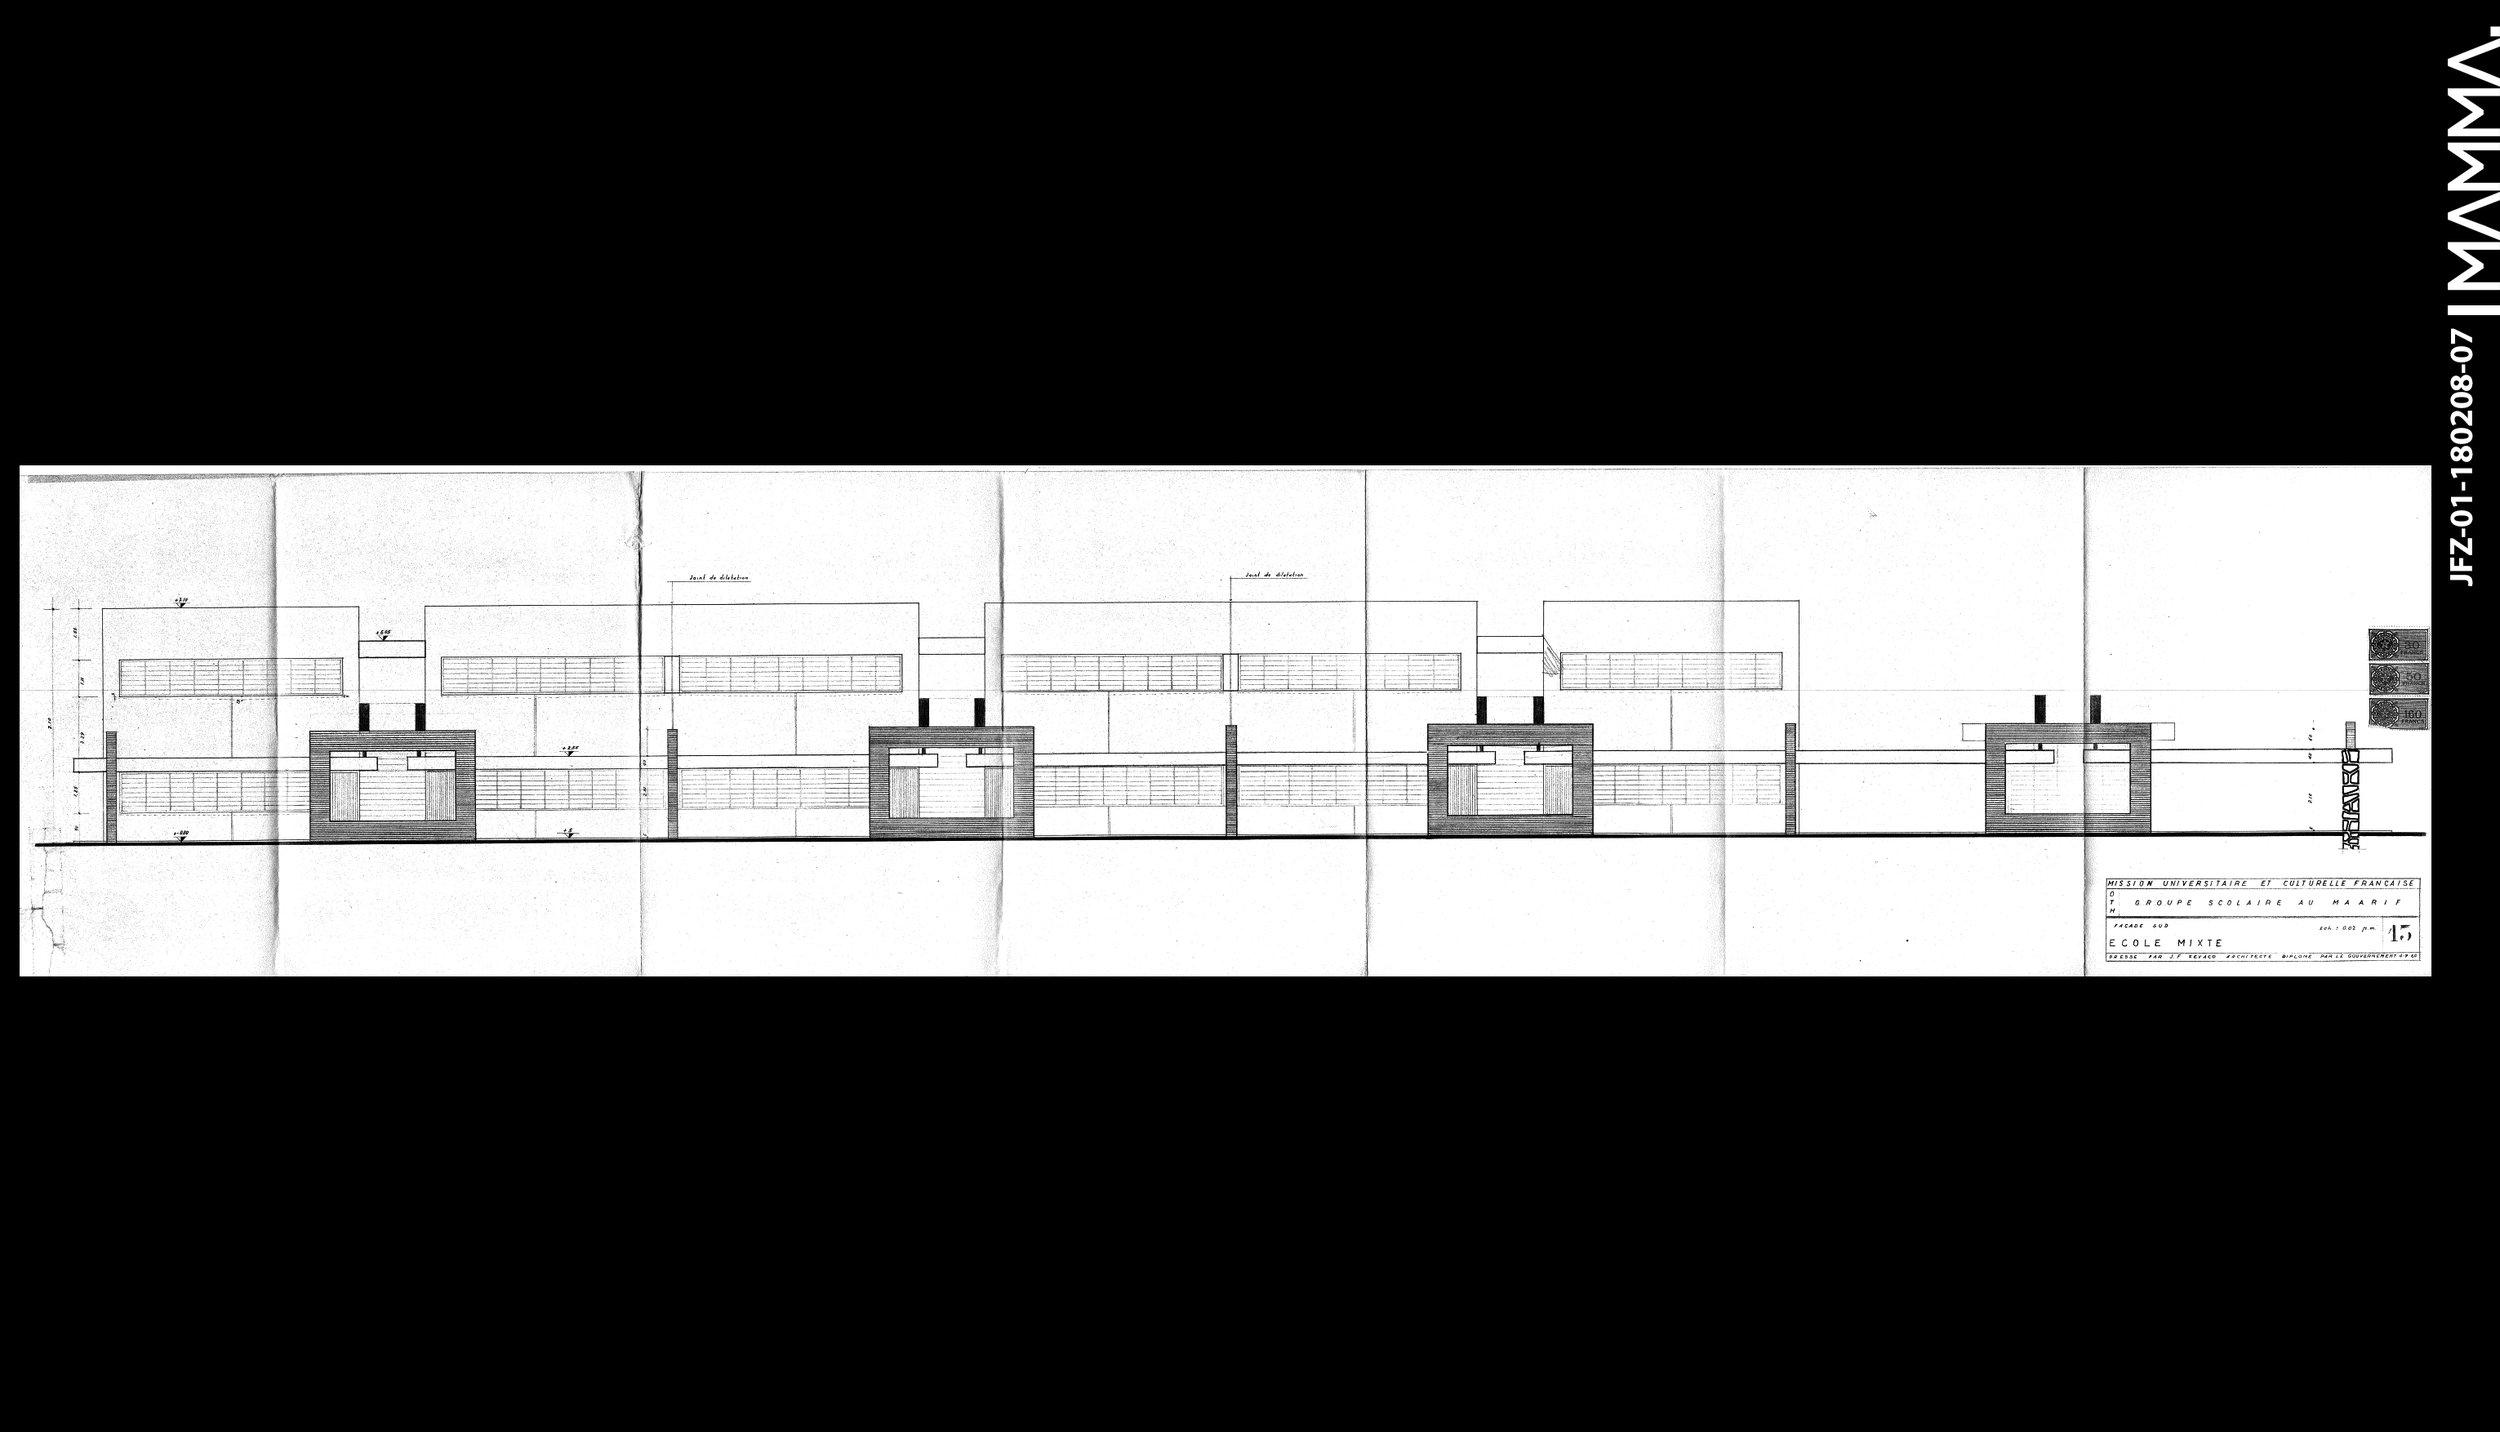 1960-Groupe Scolaire au Maarif (Ecole Théophile Gauthier)   Agence: Jean François Zevaco  Contenu: Façade Sud  Dimensions: 147,7 x 31 cm  © MAMMAARCHIVE   Réf:  MAMMA-JFZ-01-180208-07